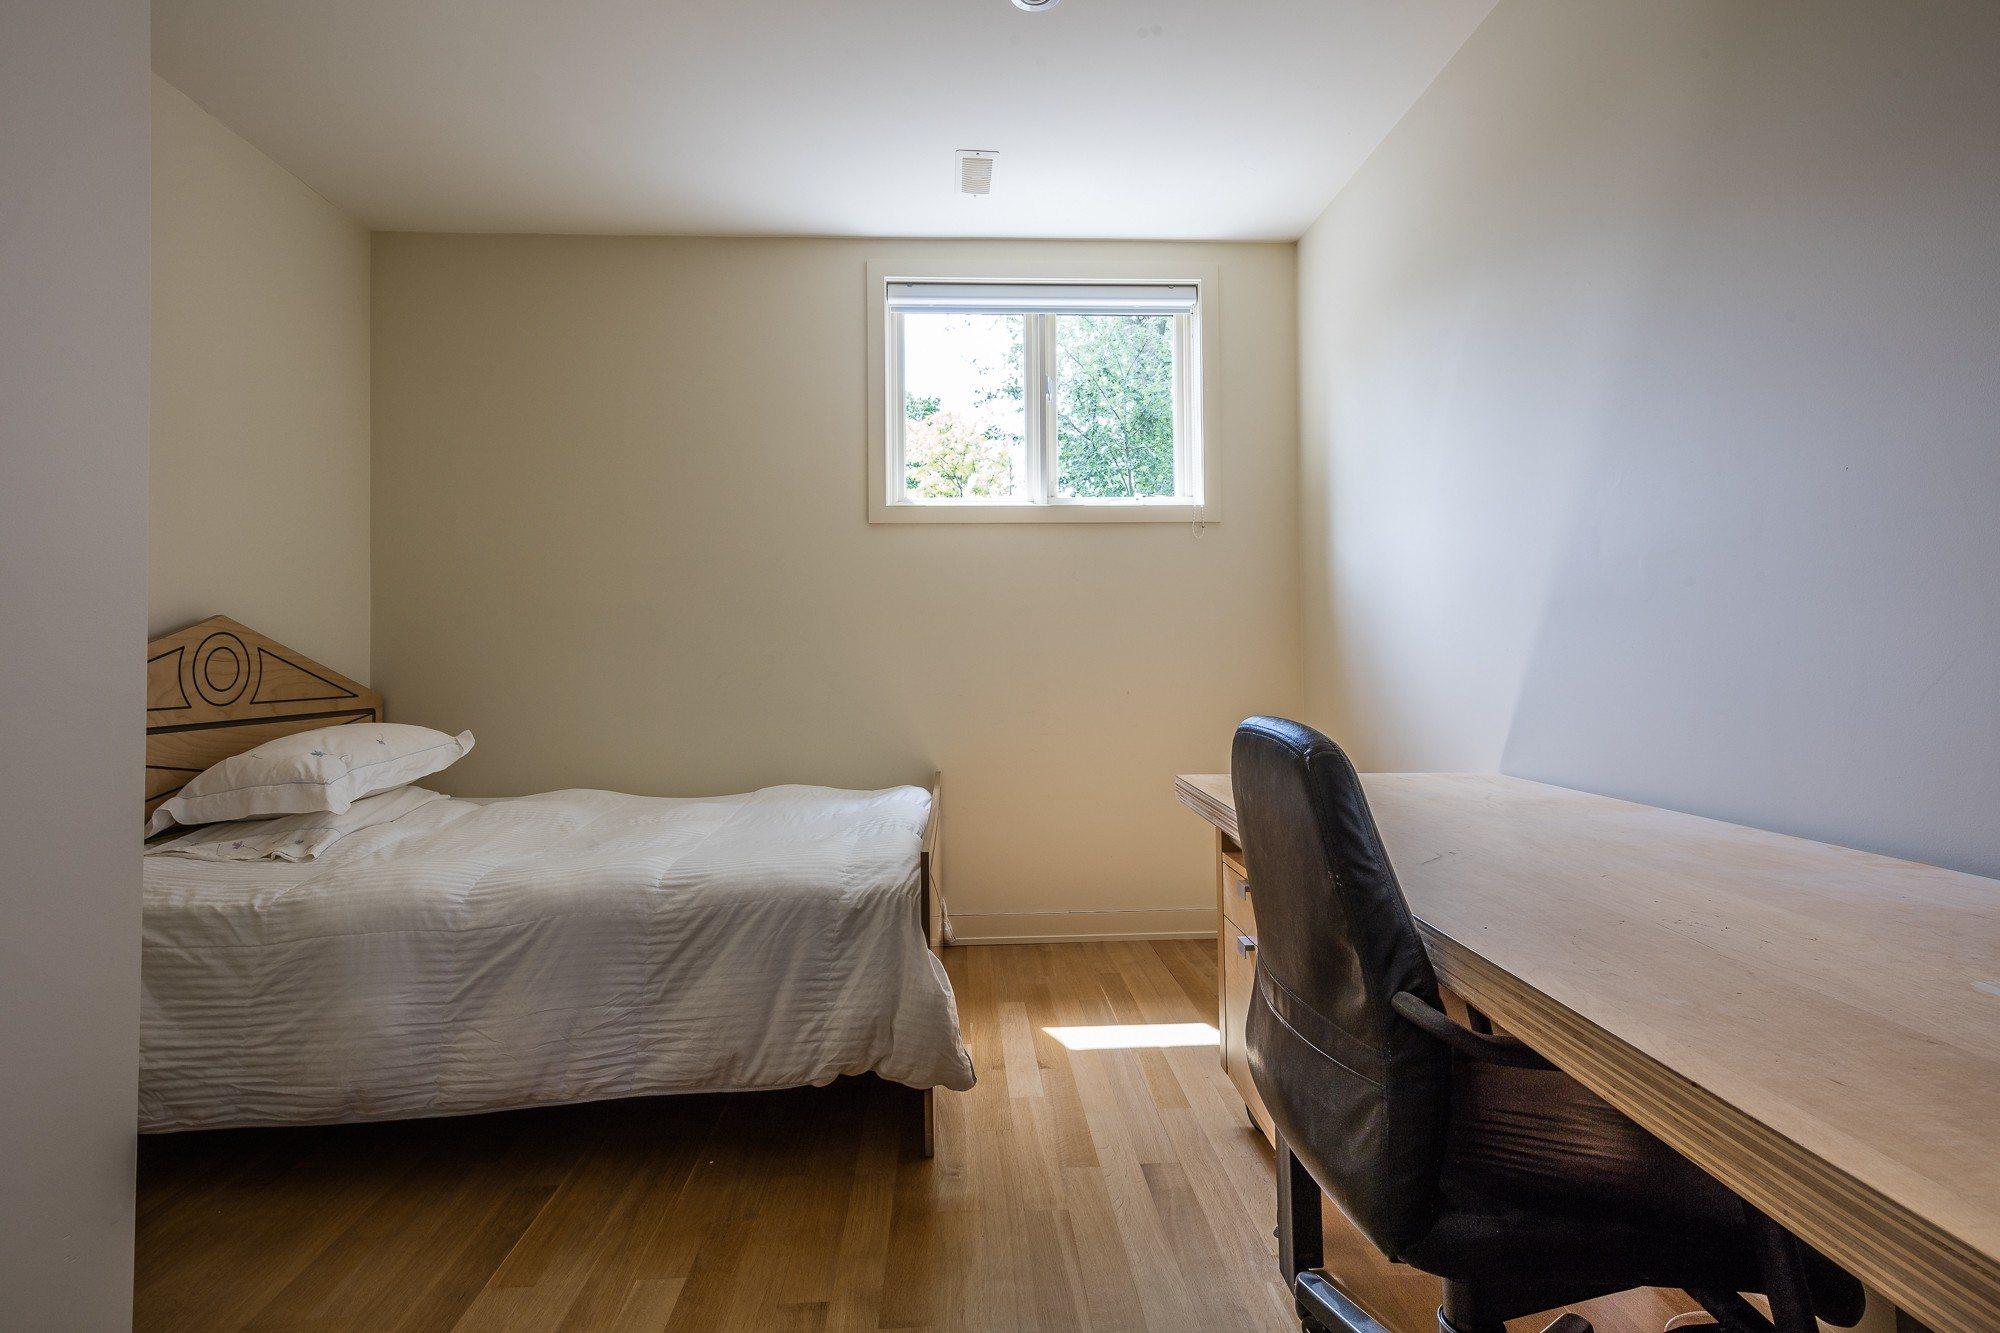 toronto-house-for-sale-44-lascelles-boulevard-8